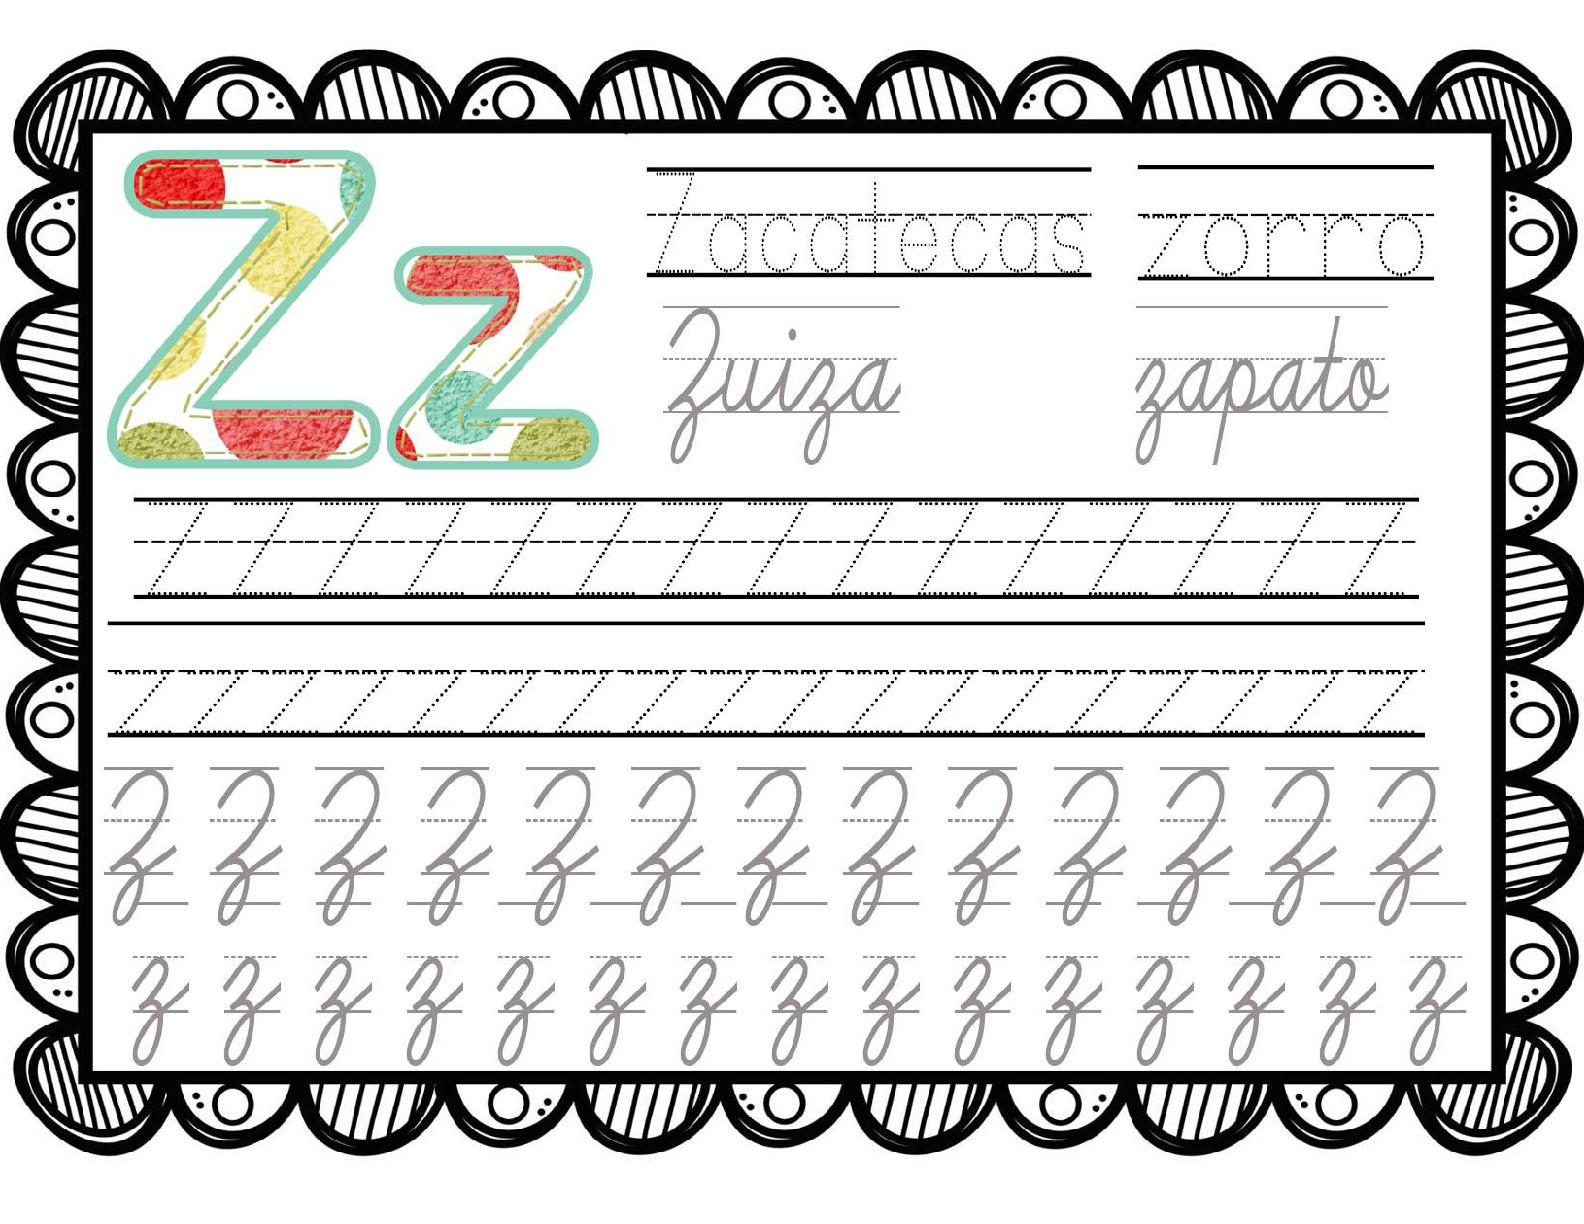 librito-practico-para-el-comienzo-de-la-escritura-en-infantil-o-preescolar-52